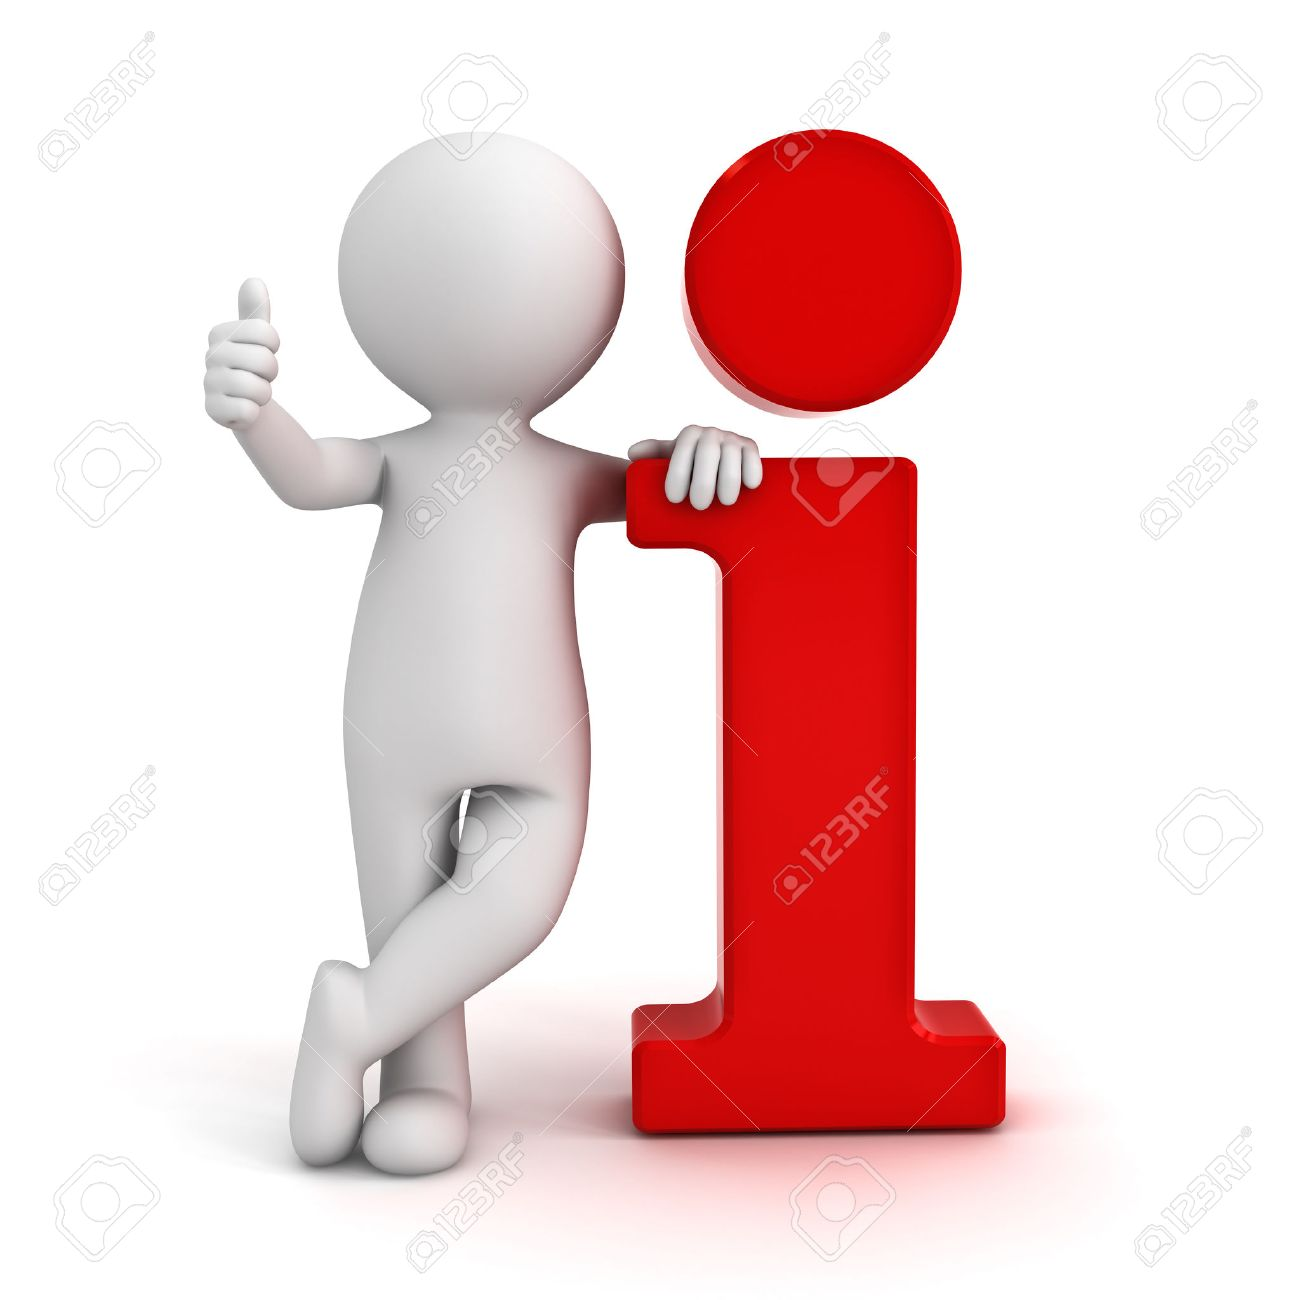 3d homme appuyé sur les informations icône rouge et montrant thumbs up geste de la main isolé sur fond blanc Banque d'images - 24263295